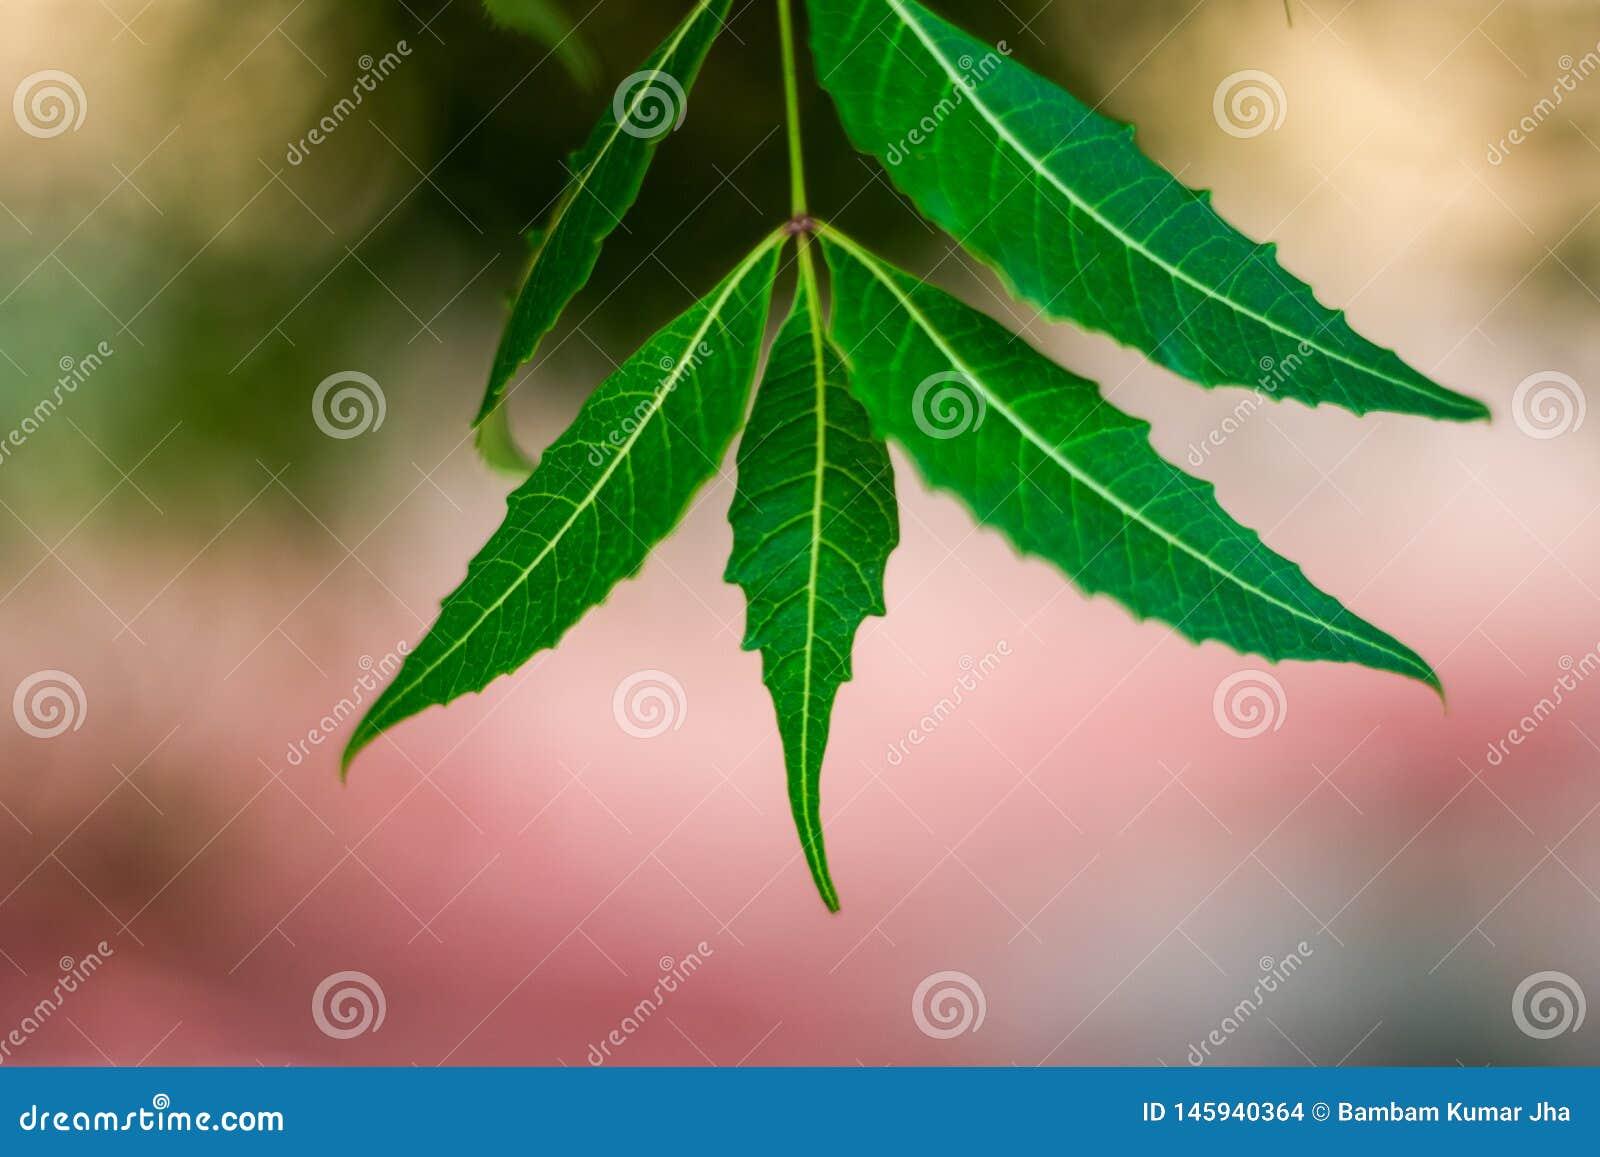 Neem drzewo lub Azadirachta indica liść z zamazanym tłem